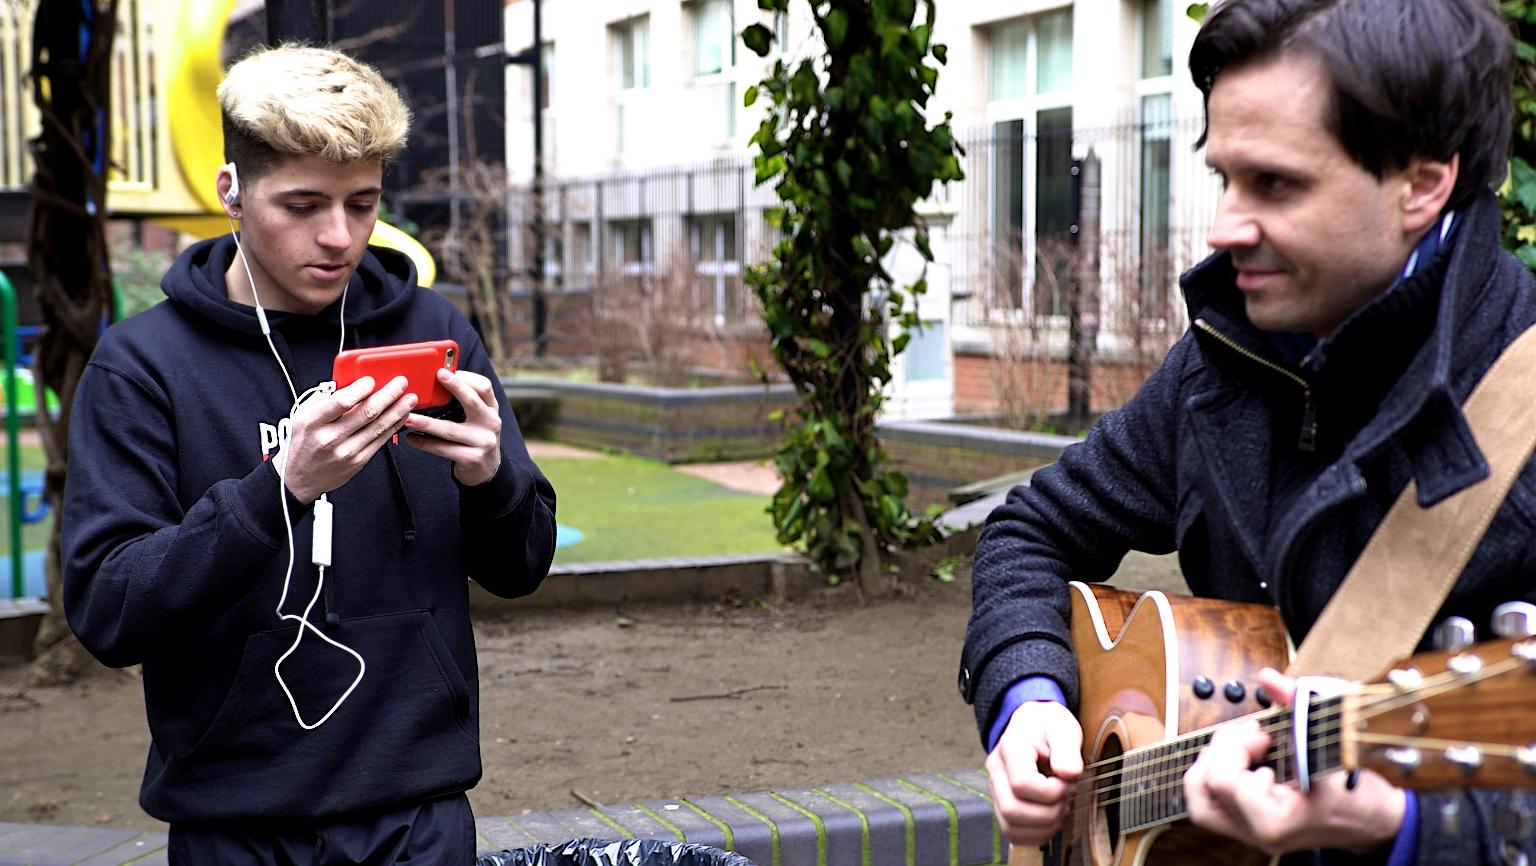 YouTuber Ben Morris  records vlog of musician using Sennheiser AMBEO smart headset